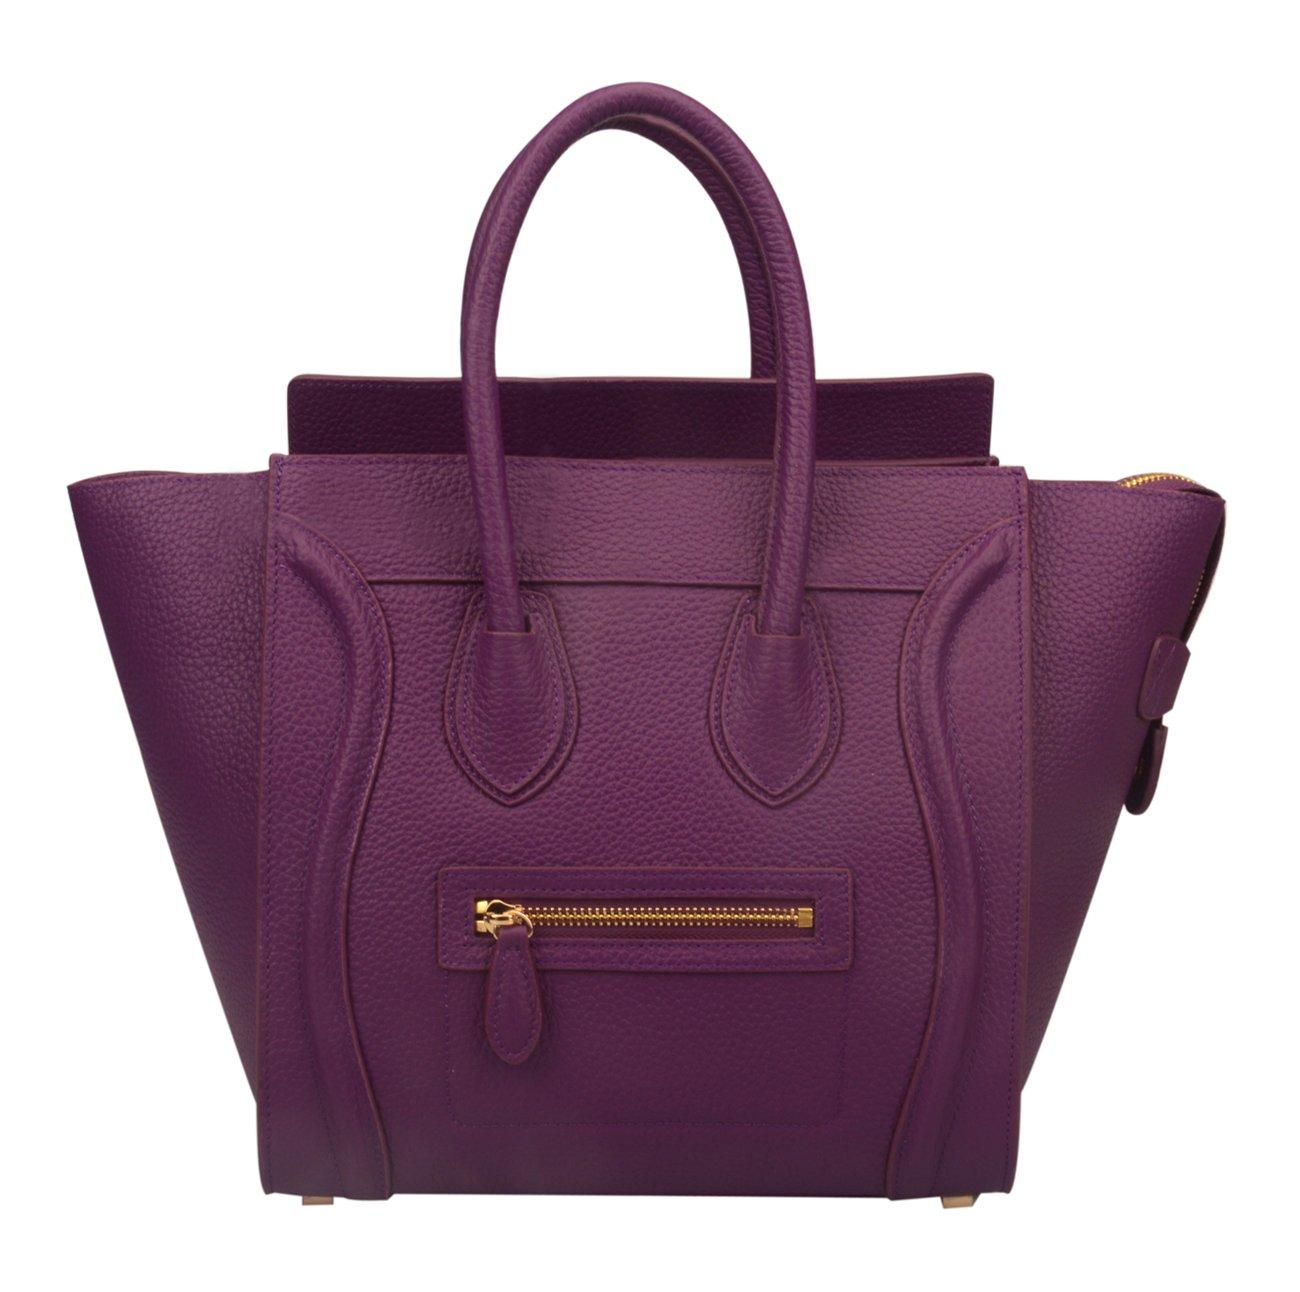 Ainifeel Women's Genuine Leather Smile Top Handle Handbag Purse (Medium, Purple)